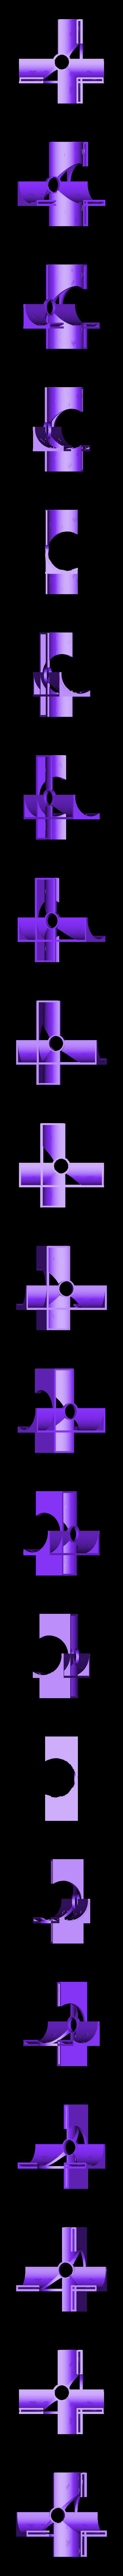 sewer_xroad_top2.stl Télécharger fichier STL gratuit Ripper's London - Les égouts • Design pour imprimante 3D, Earsling